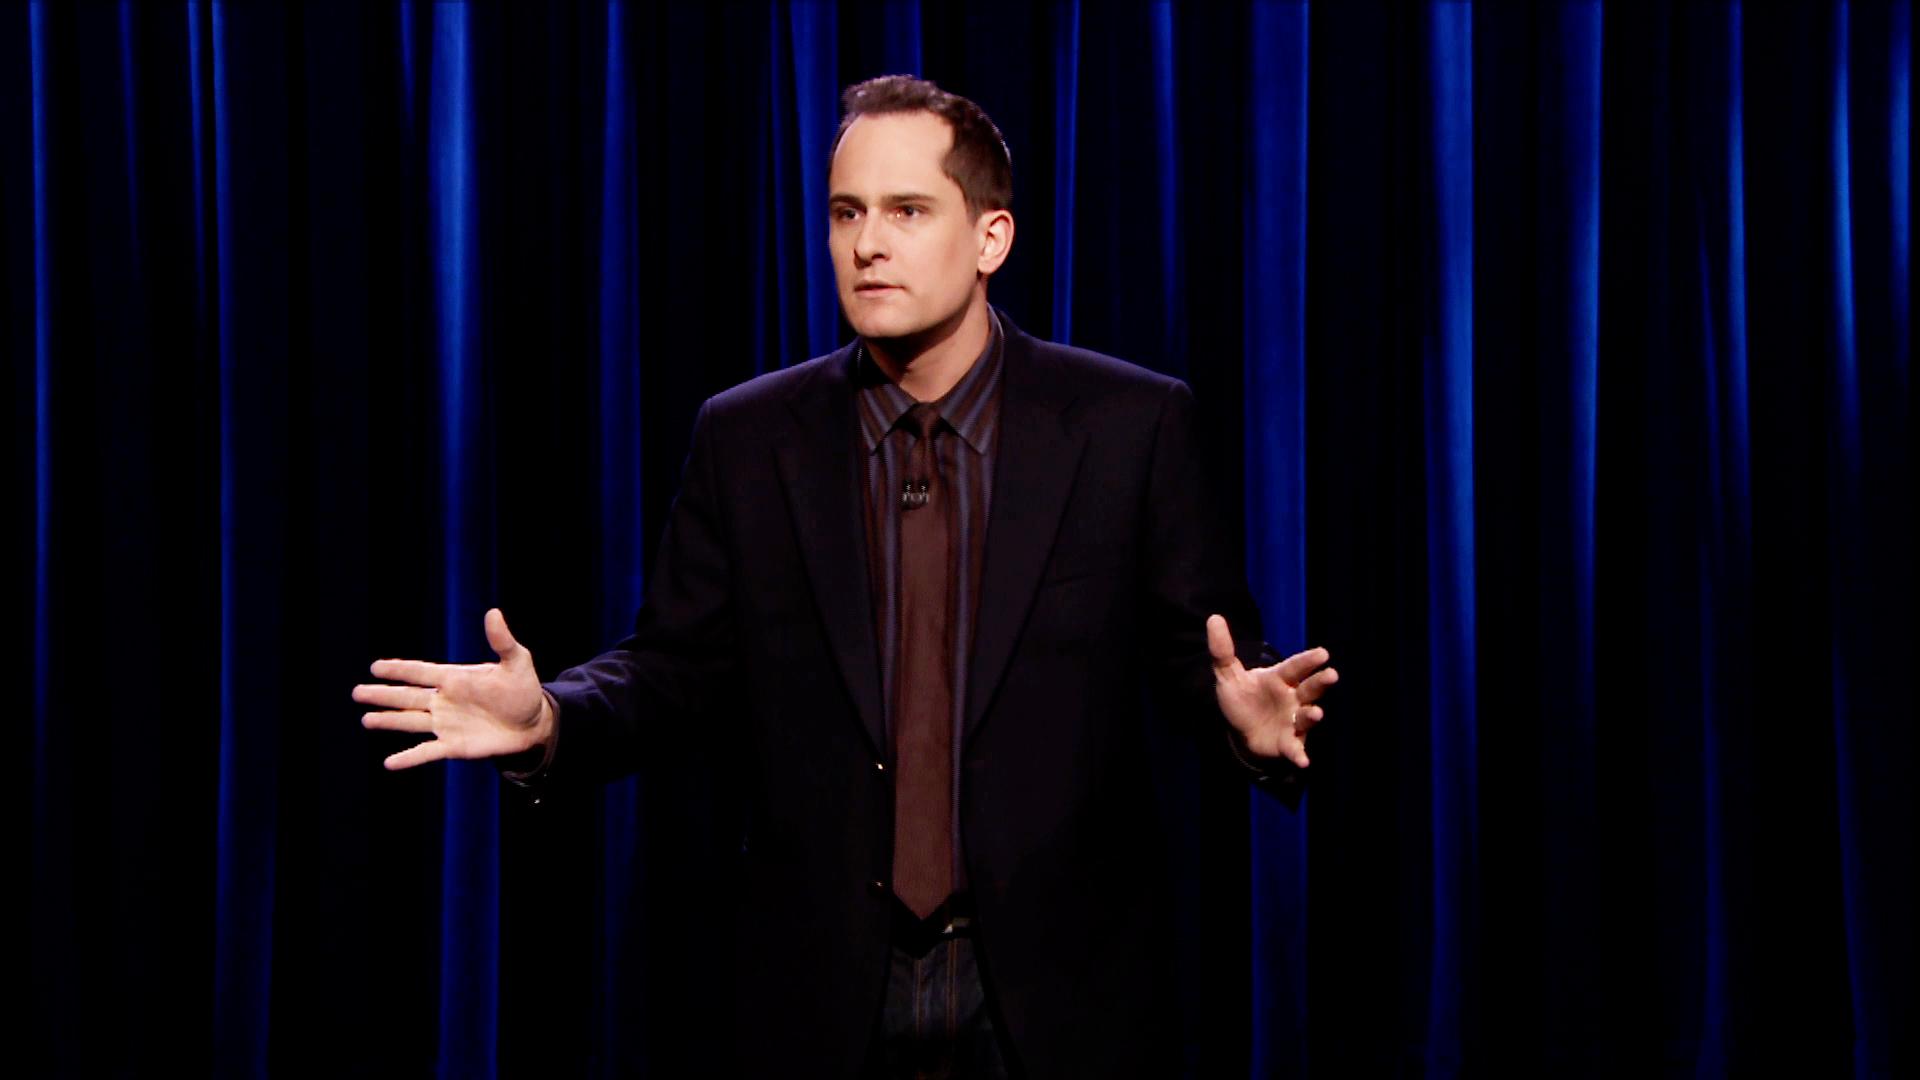 Jon Rineman on The Tonight Show Starring Jimmy Fallon